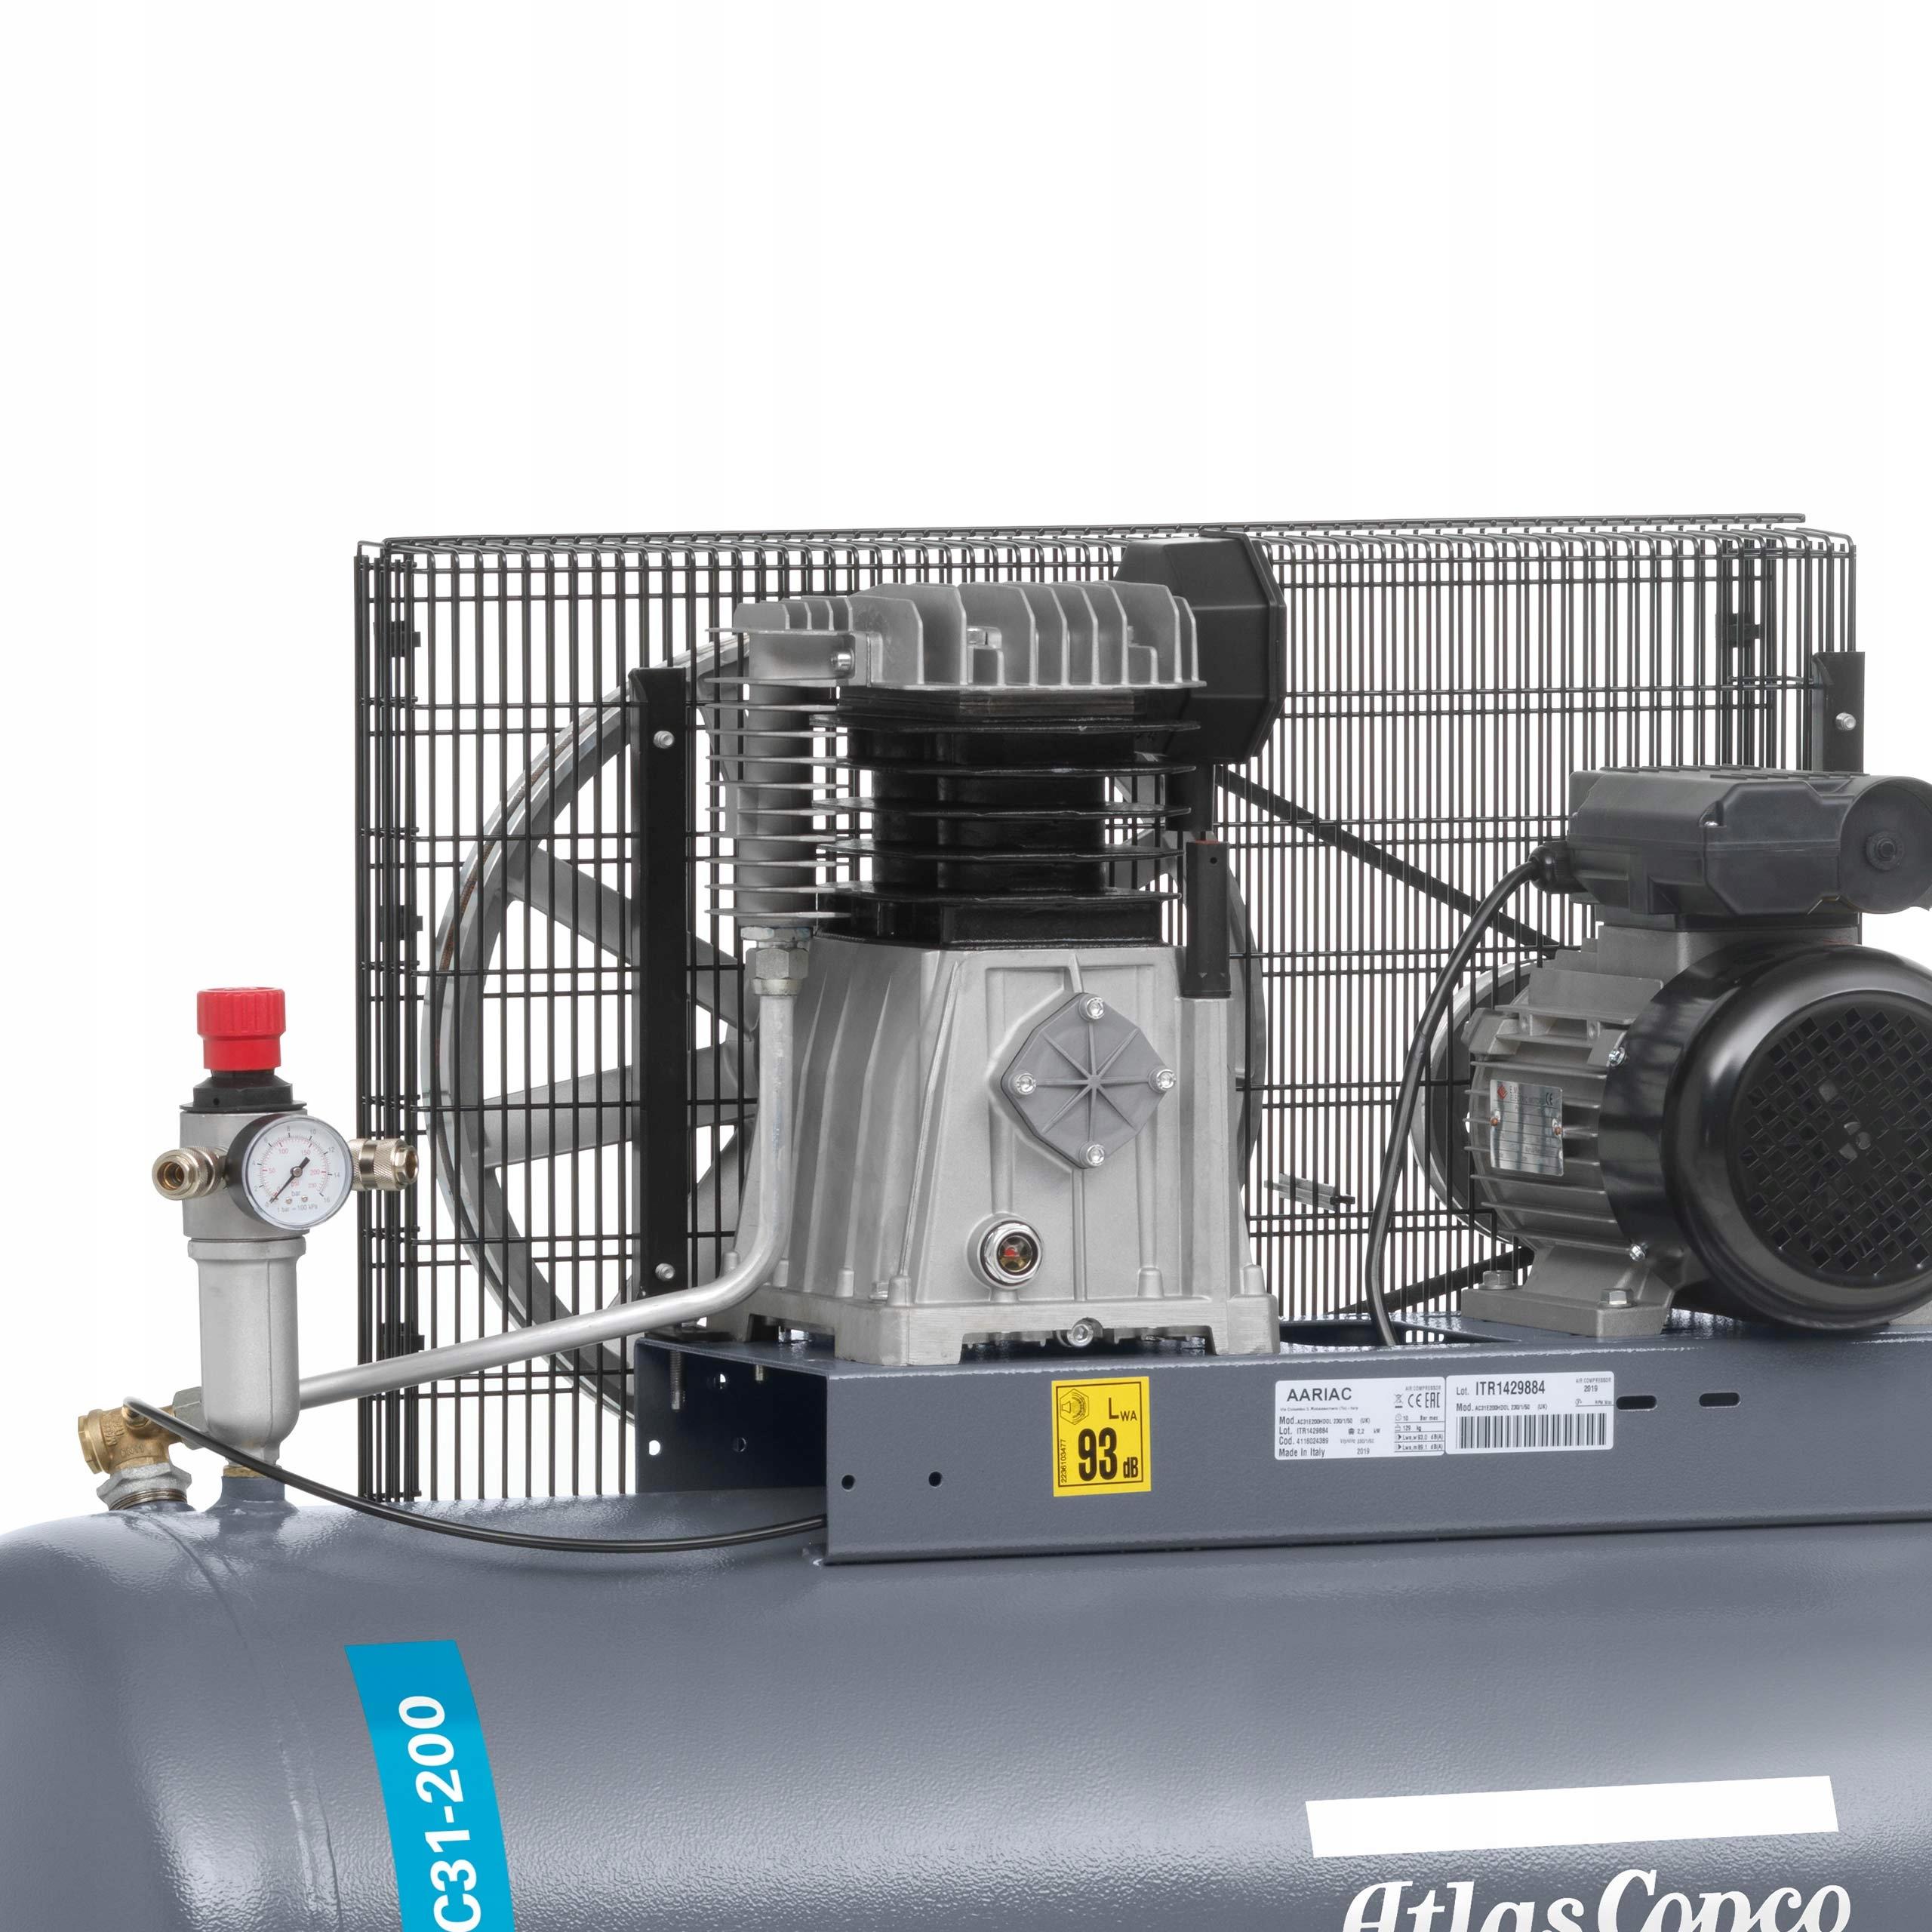 SPRĘŻARKA KOMPRESOR 200L ATLAS COPCO AC 31 E 200 M Waga urządzenia 100 kg